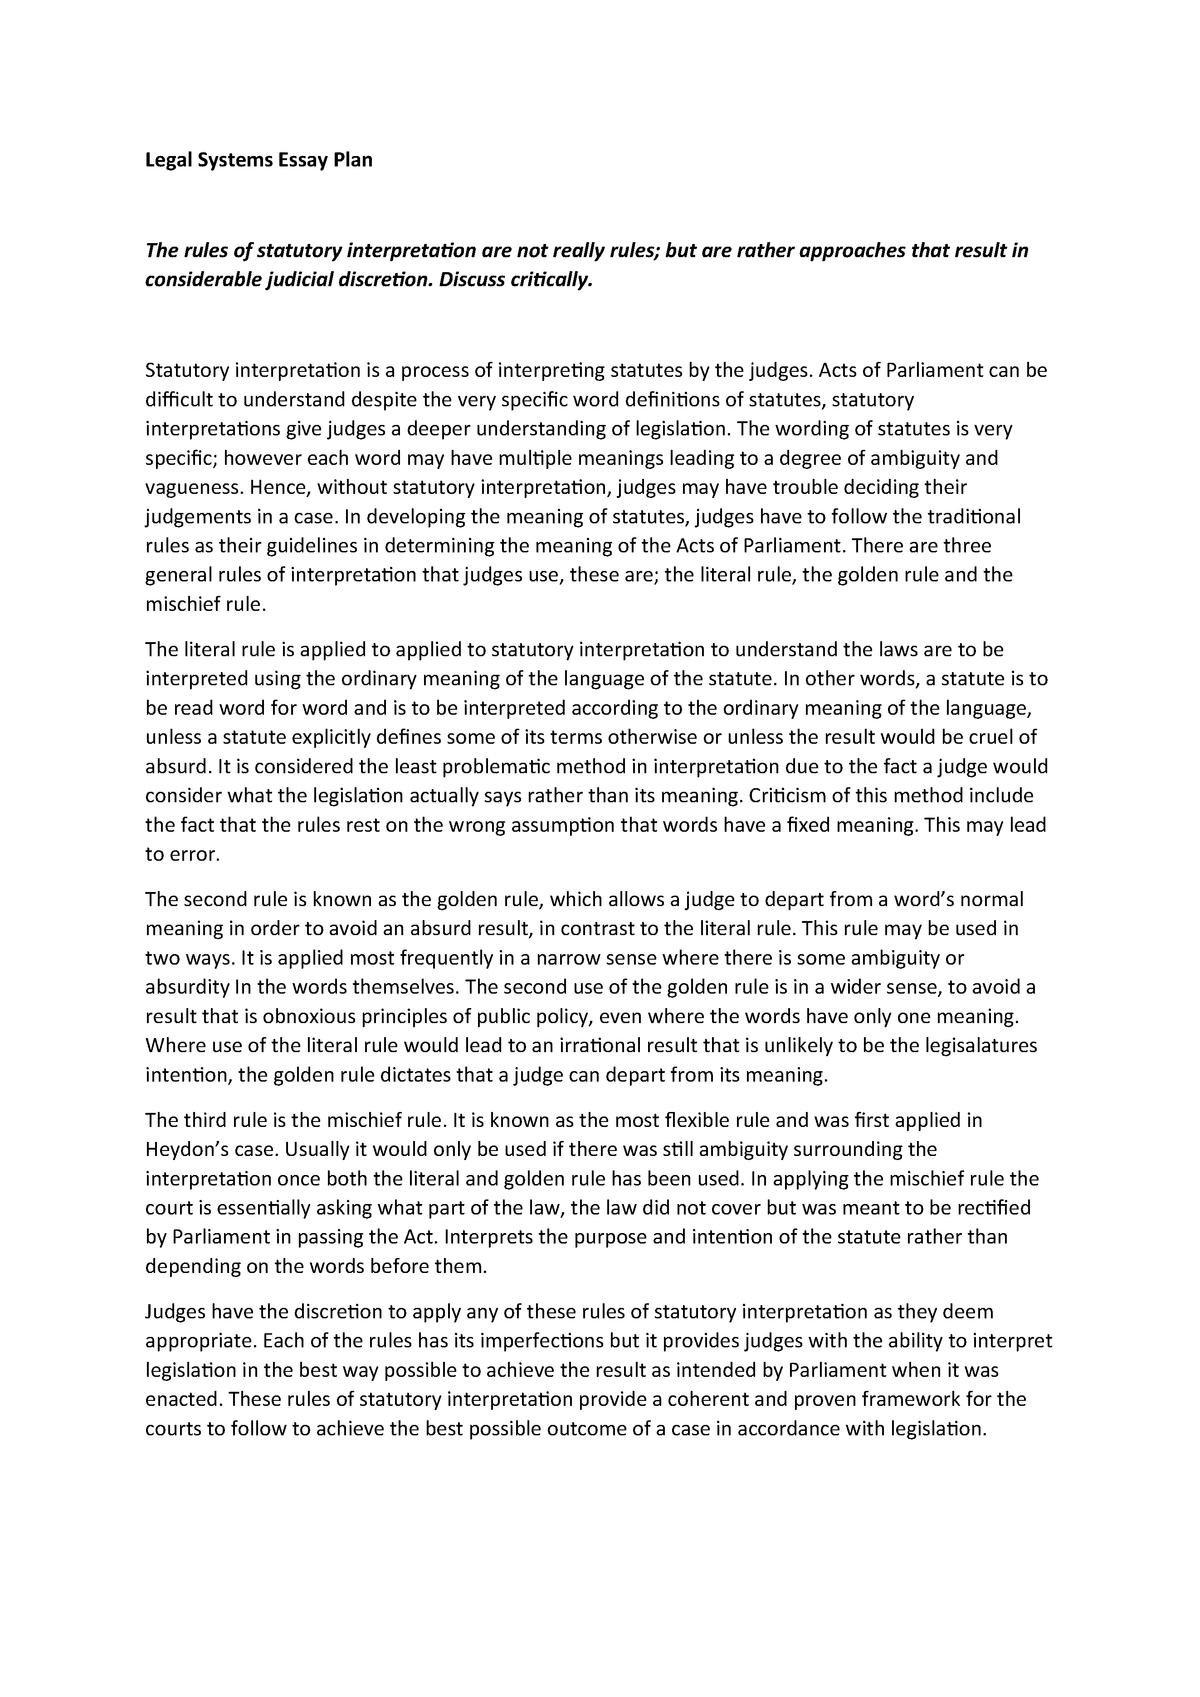 essay on interpretation